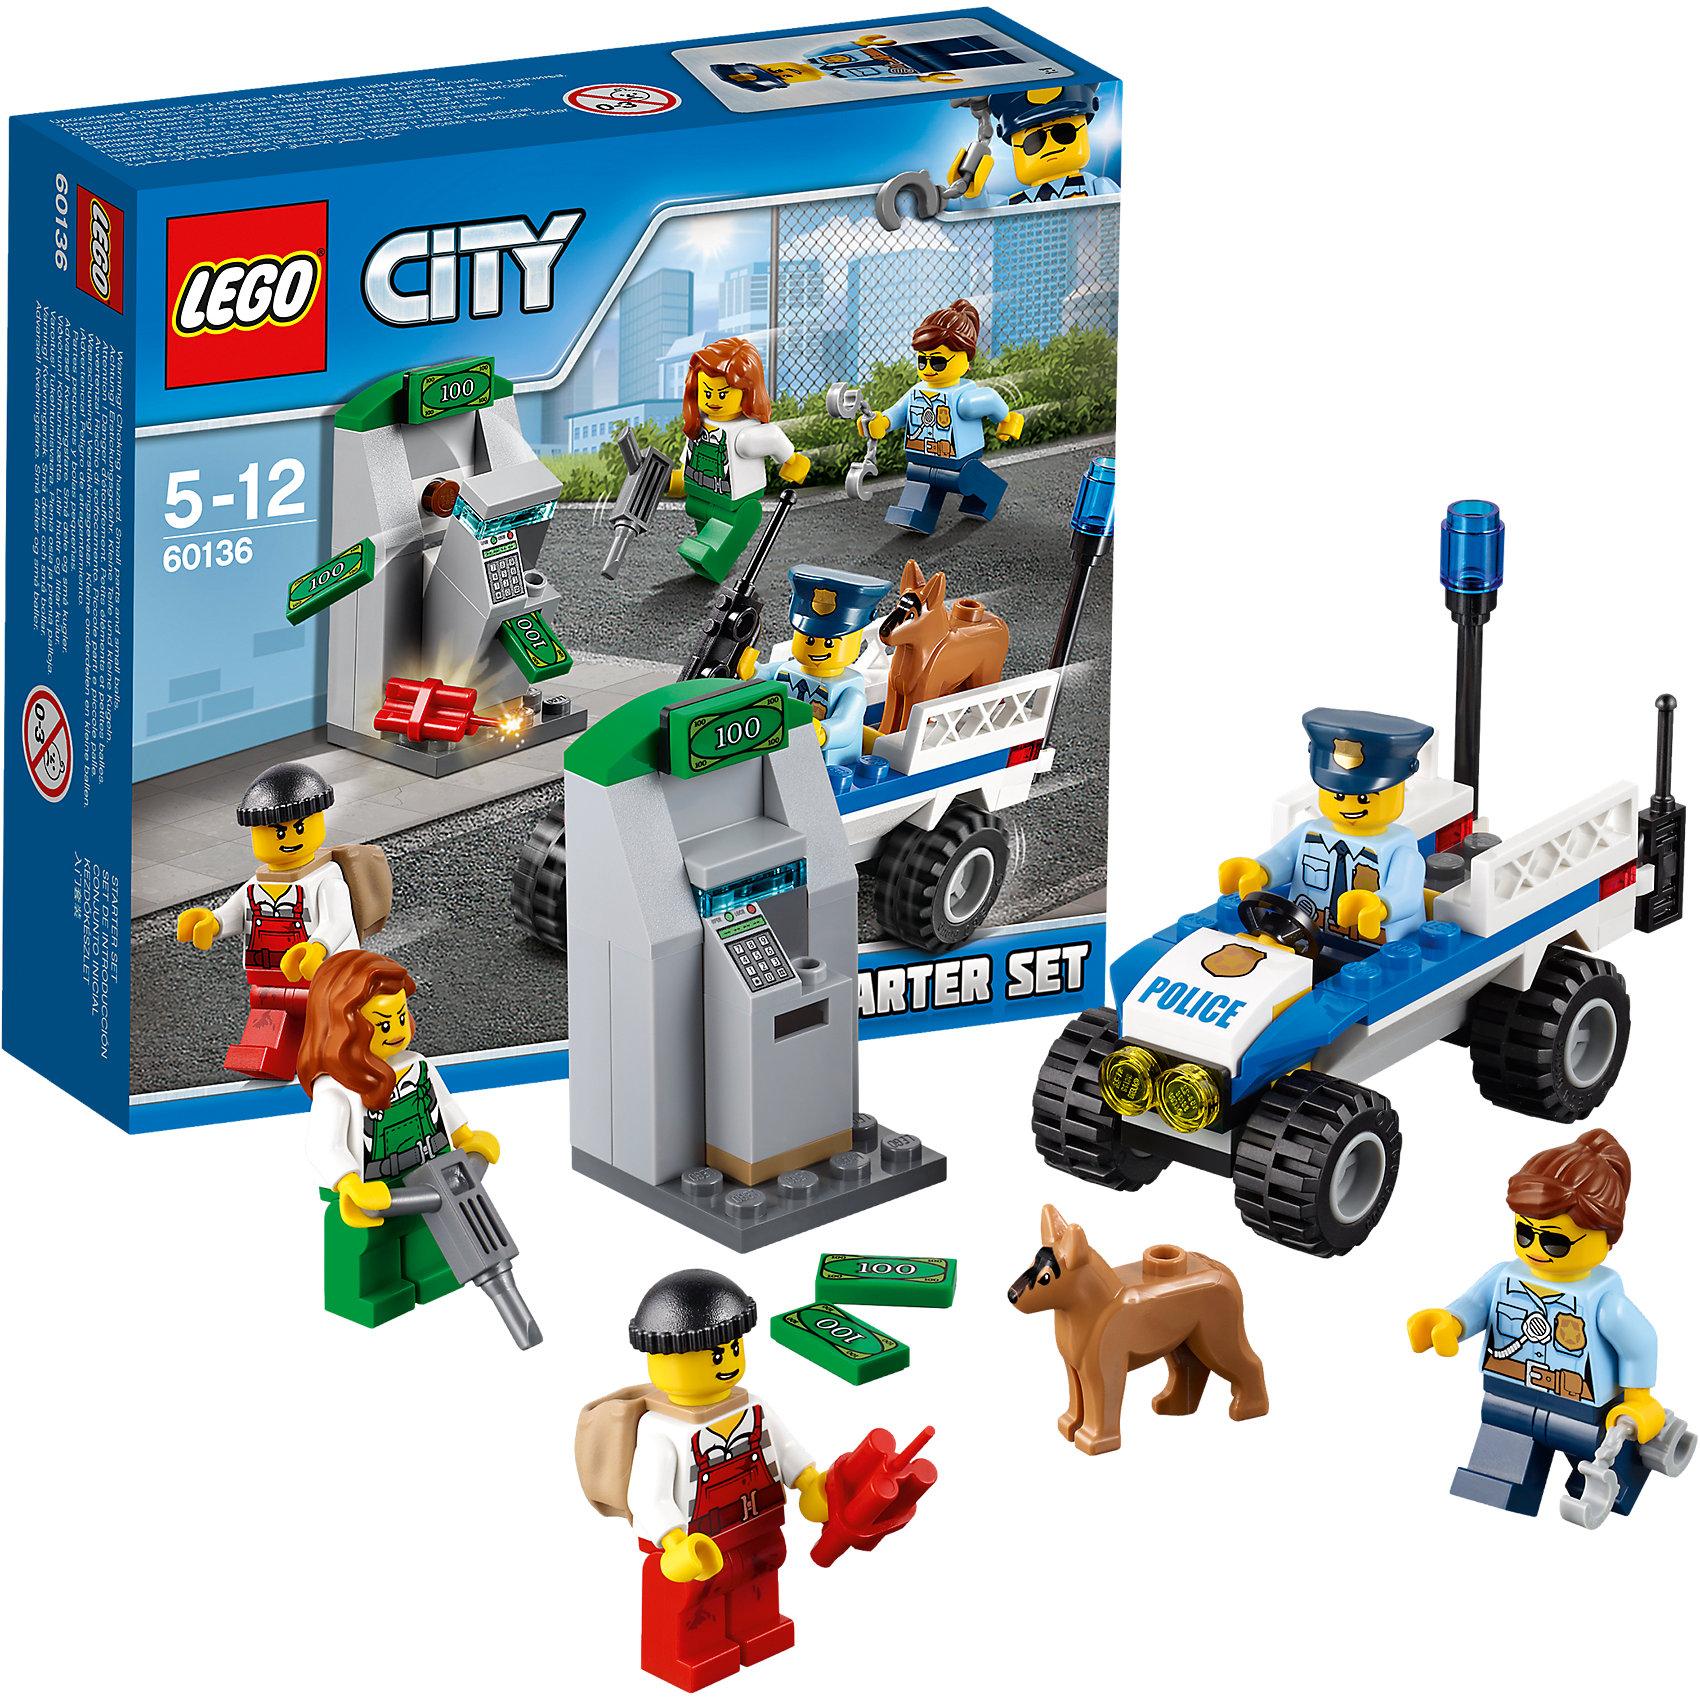 LEGO City 60136: Набор для начинающих «Полиция»Пластмассовые конструкторы<br>LEGO City 60136: Набор для начинающих «Полиция»<br><br>Характеристики:<br><br>- в набор входит: детали квадроцикла, 4 фигурки людей, фигурка собаки, аксессуары, инструкция<br>- состав: пластик<br>- количество деталей: 80<br>- размер коробки: 12 * 5 * 9 см.<br>- размер патрульной машины: 7 * 8 * 4 см.<br>- размер банкомата: 3 * 3 * 5 см. <br>- для детей в возрасте: от 5 до 12 лет<br>- Страна производитель: Дания/Китай/Чехия<br><br>Легендарный конструктор LEGO (ЛЕГО) представляет серию «City» (Сити) в виде деталей жизни большого города, в котором есть абсолютно все. Серия делает игры еще более настоящими, благодаря отличным аксессуарам. Стражи закона Лего Сити всегда готовы прийти на помощь жителям города. На этот раз двое грабителей решили взорвать банкомат открыть его с помощью дрели и своровать все деньги. Двое патрульных и полицейская собака были как раз в районе происшествия, когда по рации им передали новое задание. Они включили голубую сигнальную лампу и подоспели как раз вовремя. Минифигурки отлично детализированы и качественно прорисованы. В набор входит дрель, динамит, рюкзак, наручники, денежные детали. Деньги помещаются в банкомате и проходят в отверстие для купюр, сам банкомат раскладывается, позволяя вытаскивать деньги. Помоги полицейским добиться справедливости. Моделируй разные истории и ситуации в Лего Сити!<br><br>Конструктор  LEGO City 60136: Набор для начинающих «Полиция» можно купить в нашем интернет-магазине.<br><br>Ширина мм: 160<br>Глубина мм: 142<br>Высота мм: 48<br>Вес г: 121<br>Возраст от месяцев: 60<br>Возраст до месяцев: 144<br>Пол: Мужской<br>Возраст: Детский<br>SKU: 5002454